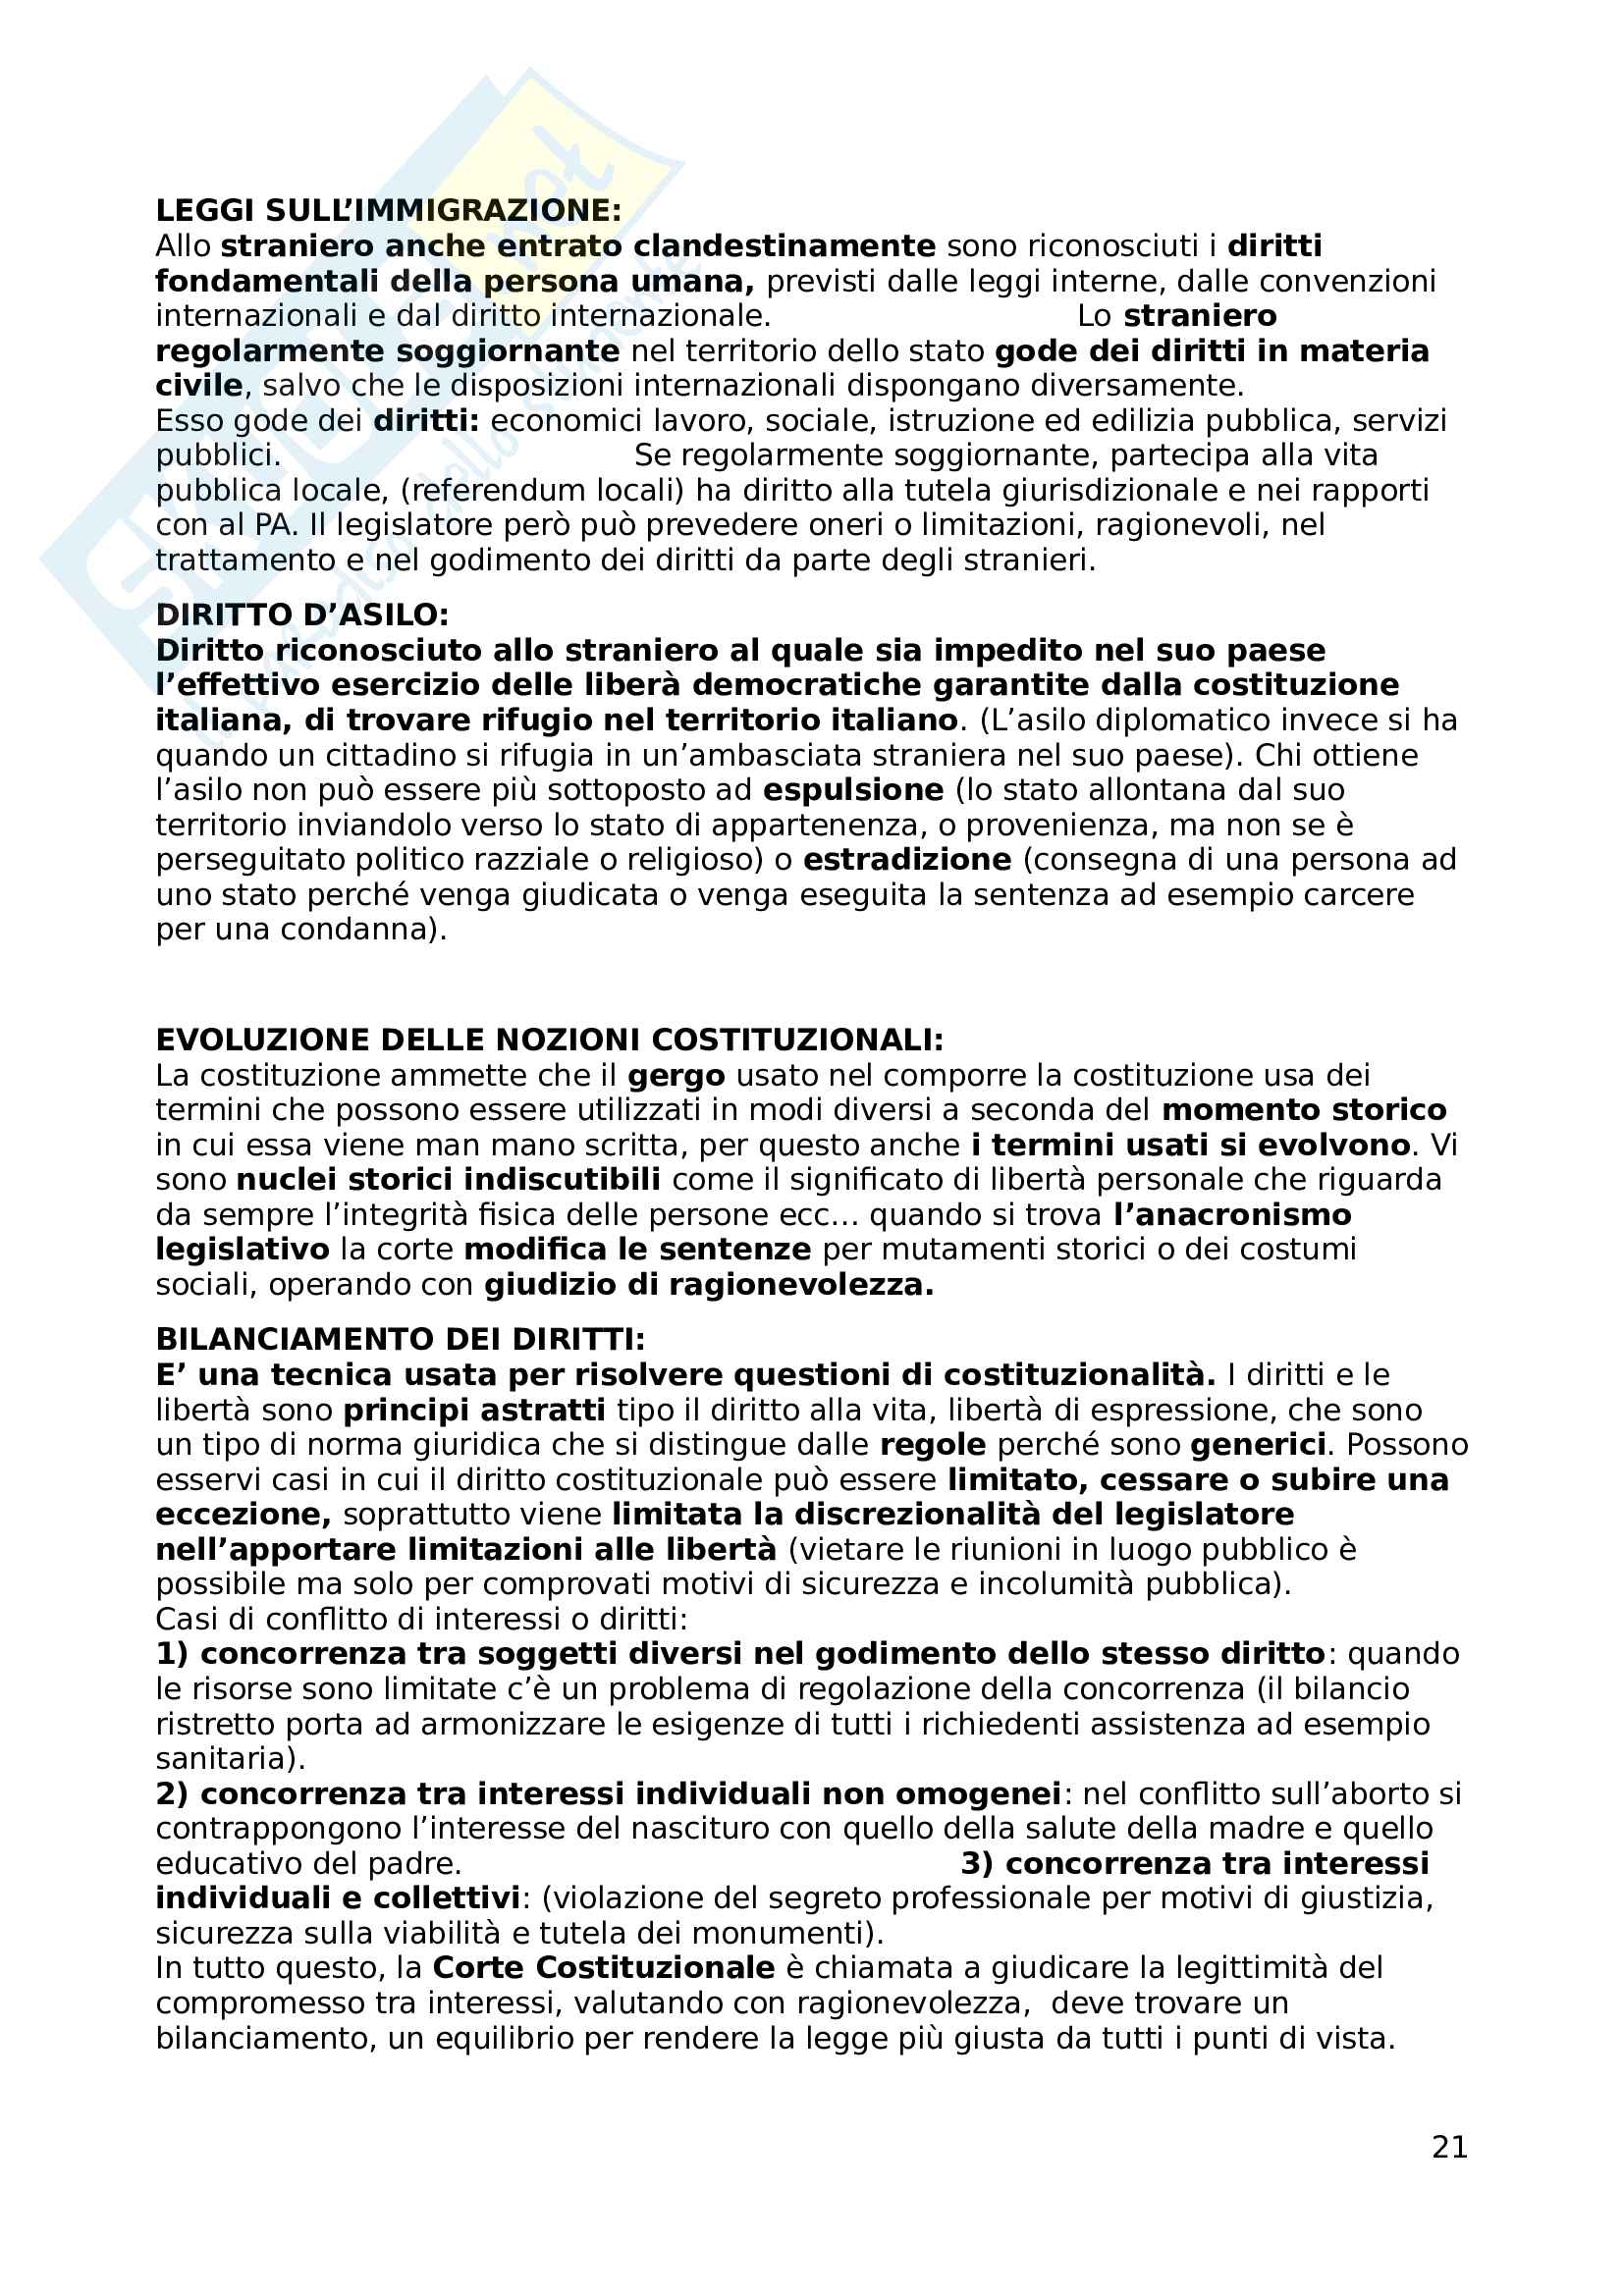 Riassunto Esame Istituzioni di diritto pubblico, prof. Fares, libro consigliato Lineamenti di diritto pubblico per assistenti sociali , Bin, Donati e Pitruzzella Pag. 21